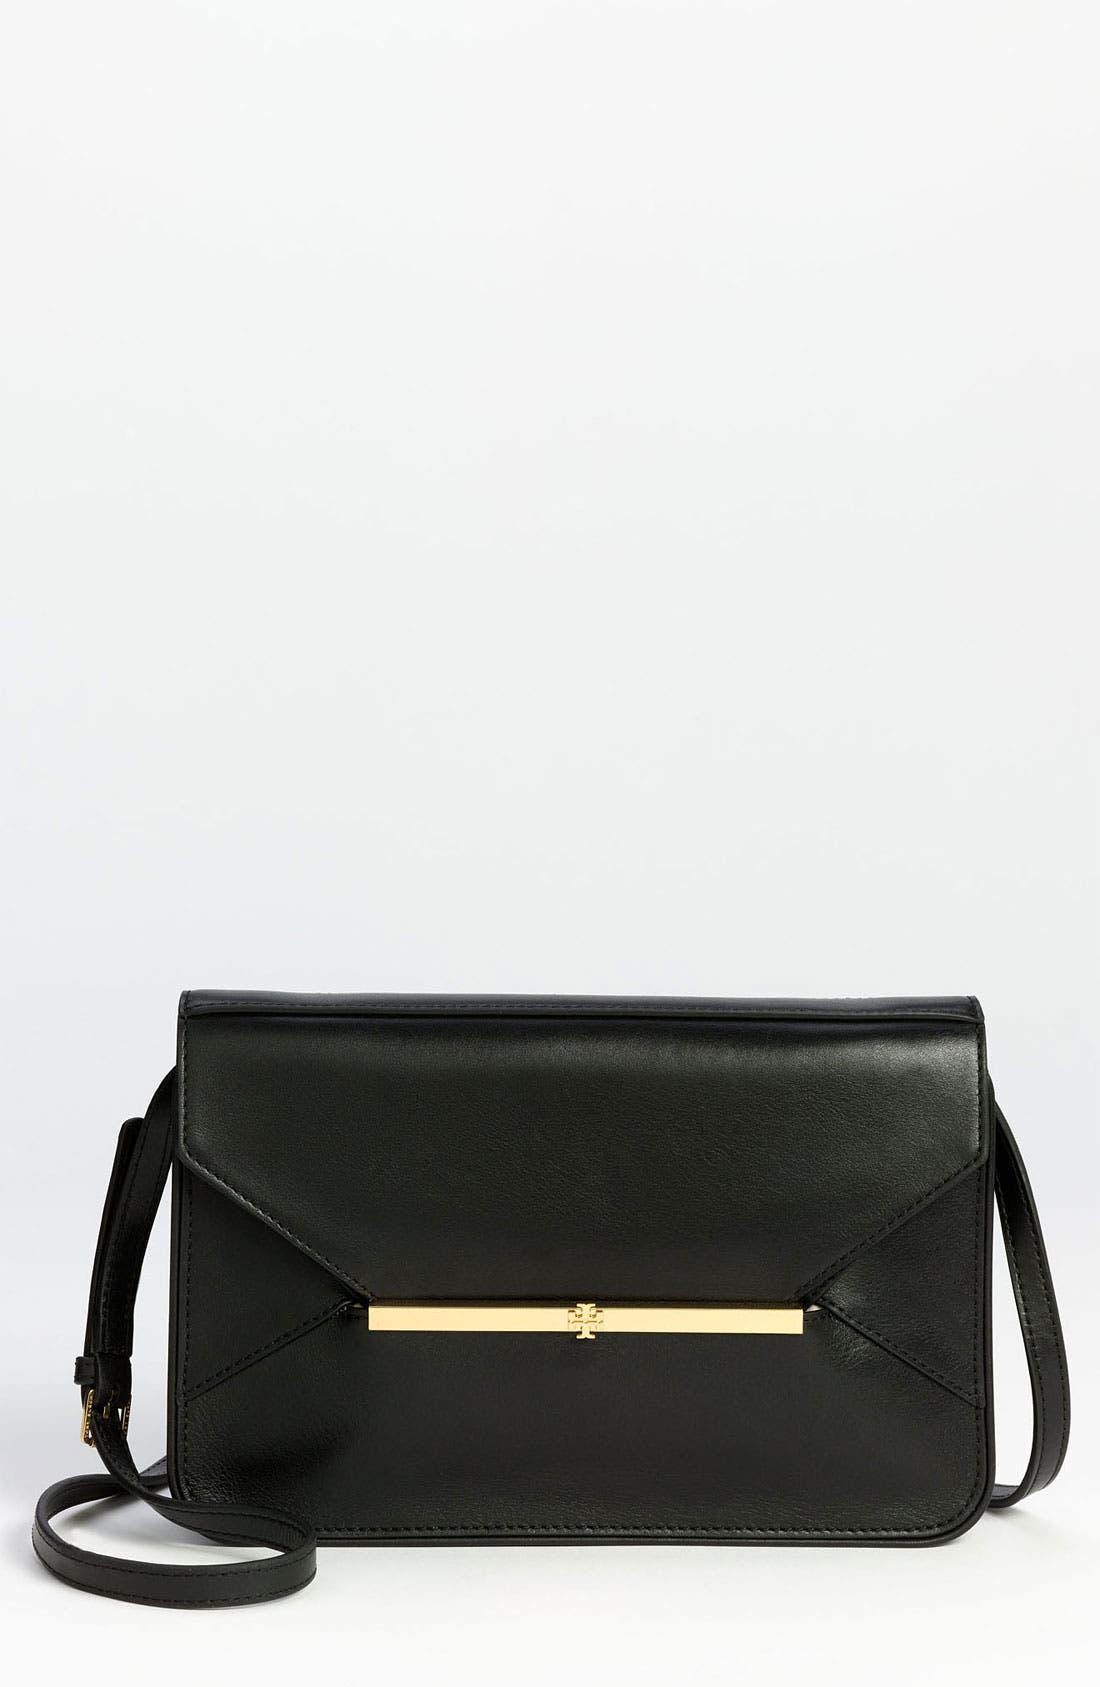 Alternate Image 1 Selected - Tory Burch 'Penelope' Envelope Crossbody Bag